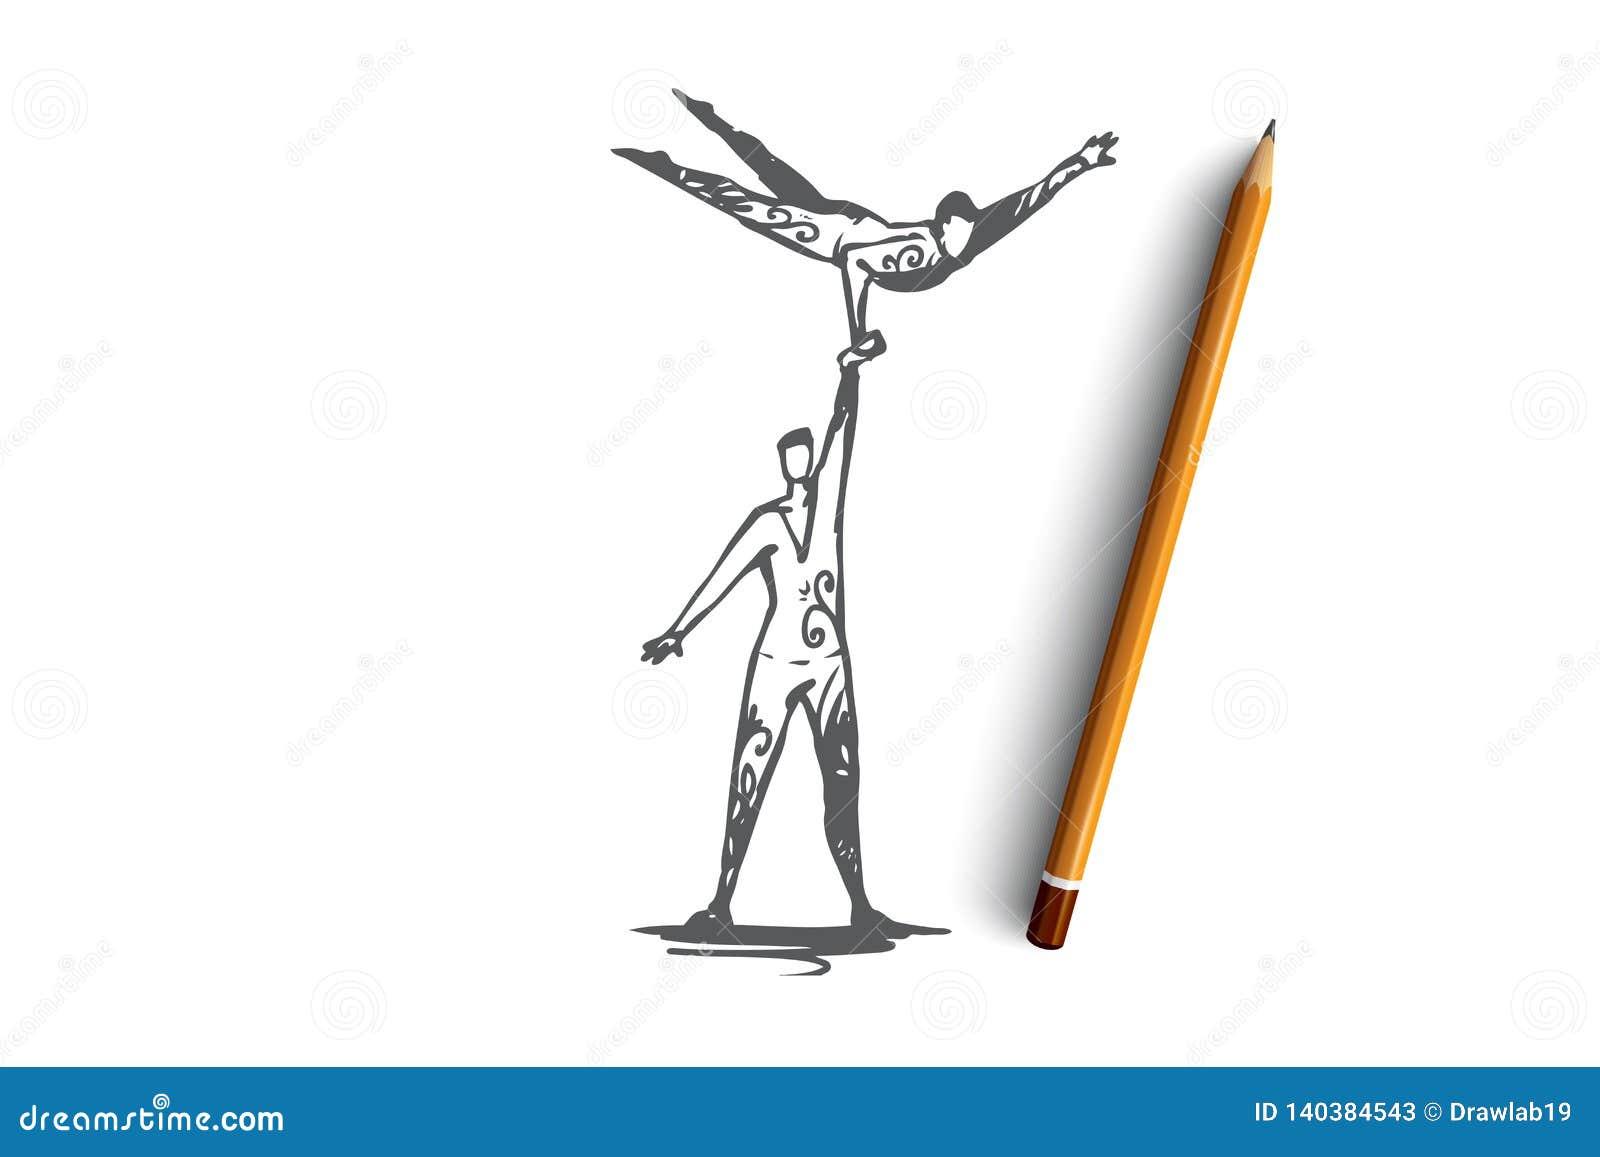 Ακροβατικός, τσίρκο, ισορροπία, απόδοση, έννοια συνεργασίας Συρμένο χέρι απομονωμένο διάνυσμα